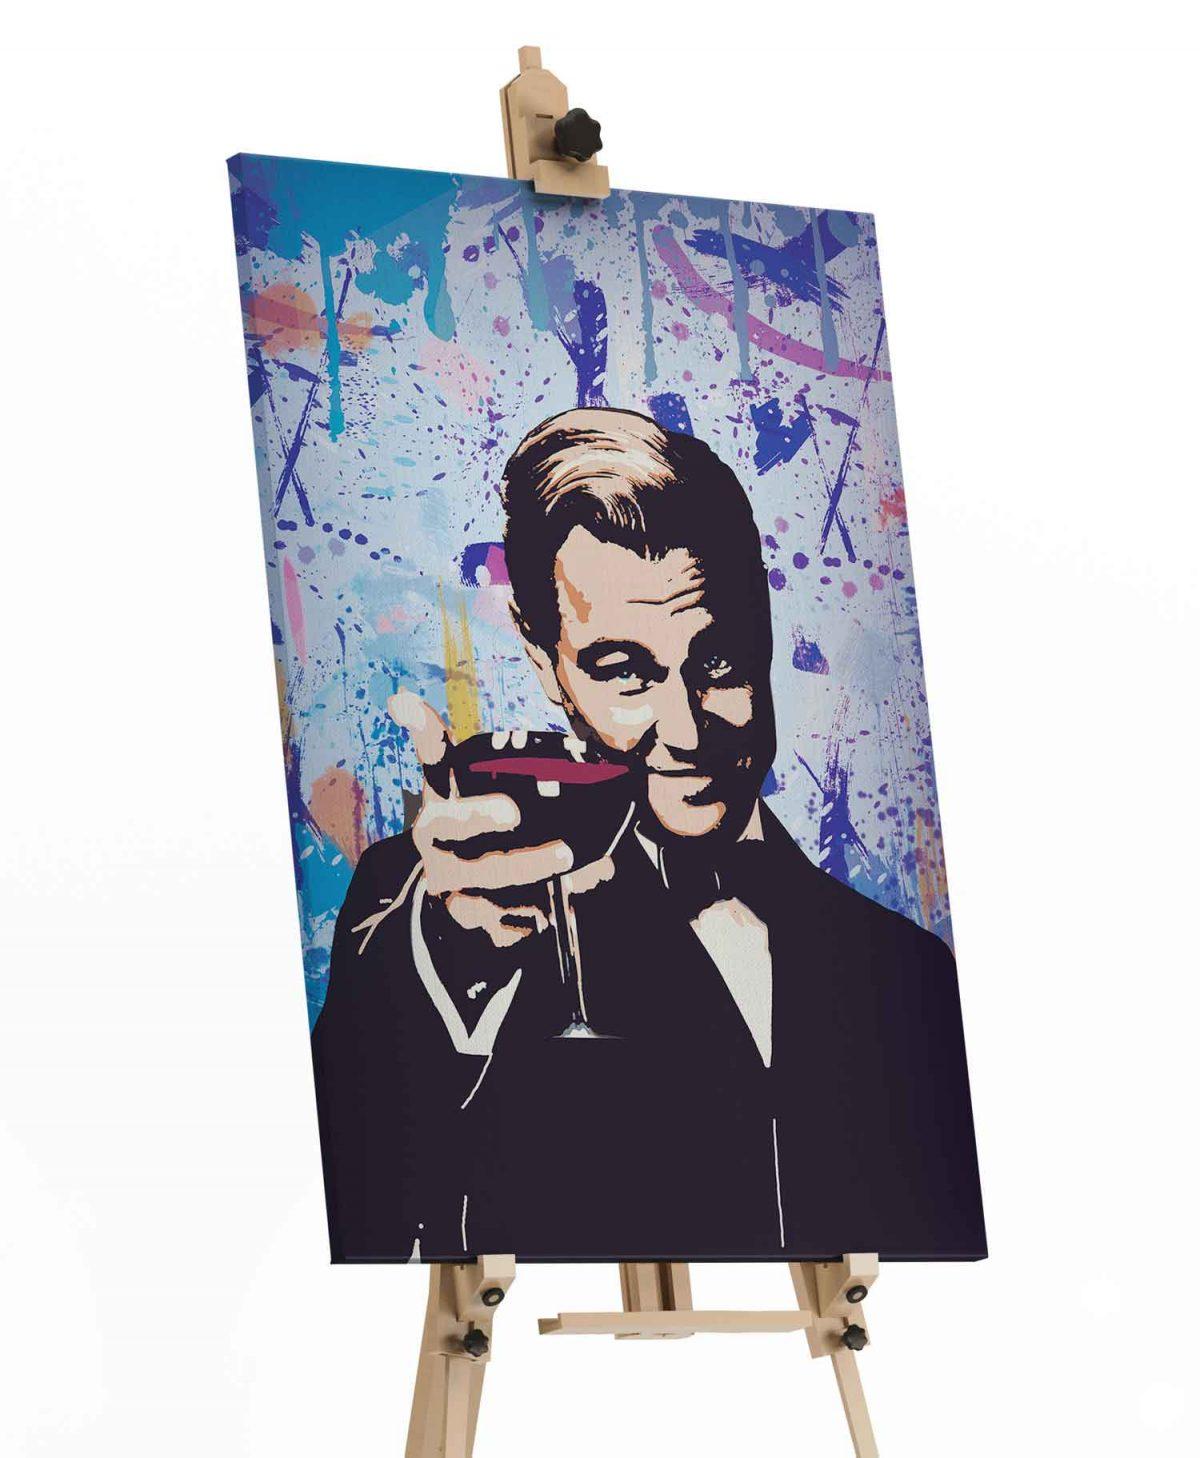 Quadro O Incrível Gatsby em tela com detalhe